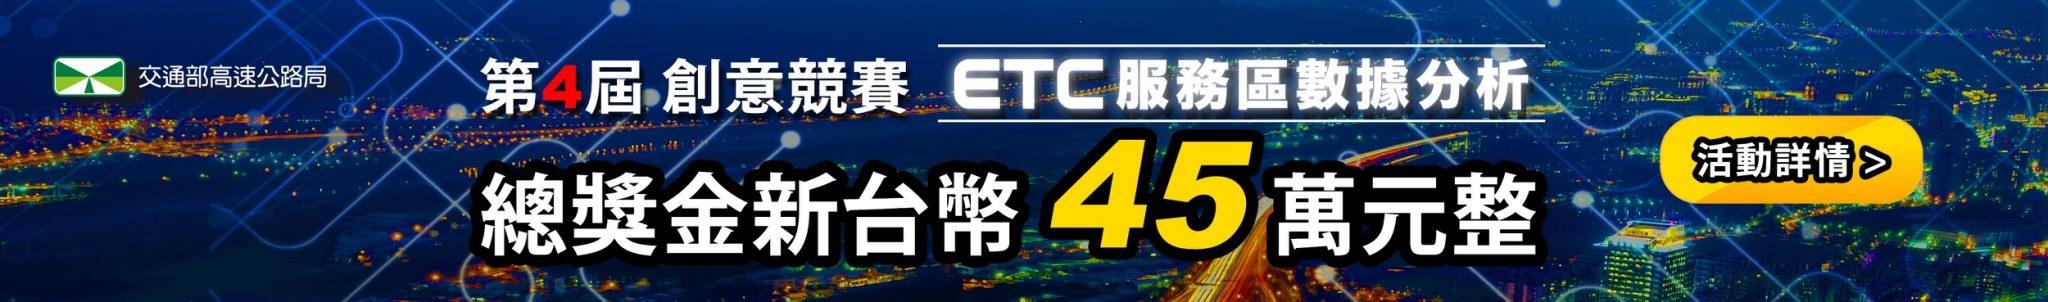 第4屆ETC創意競賽宣傳(另開新視窗)